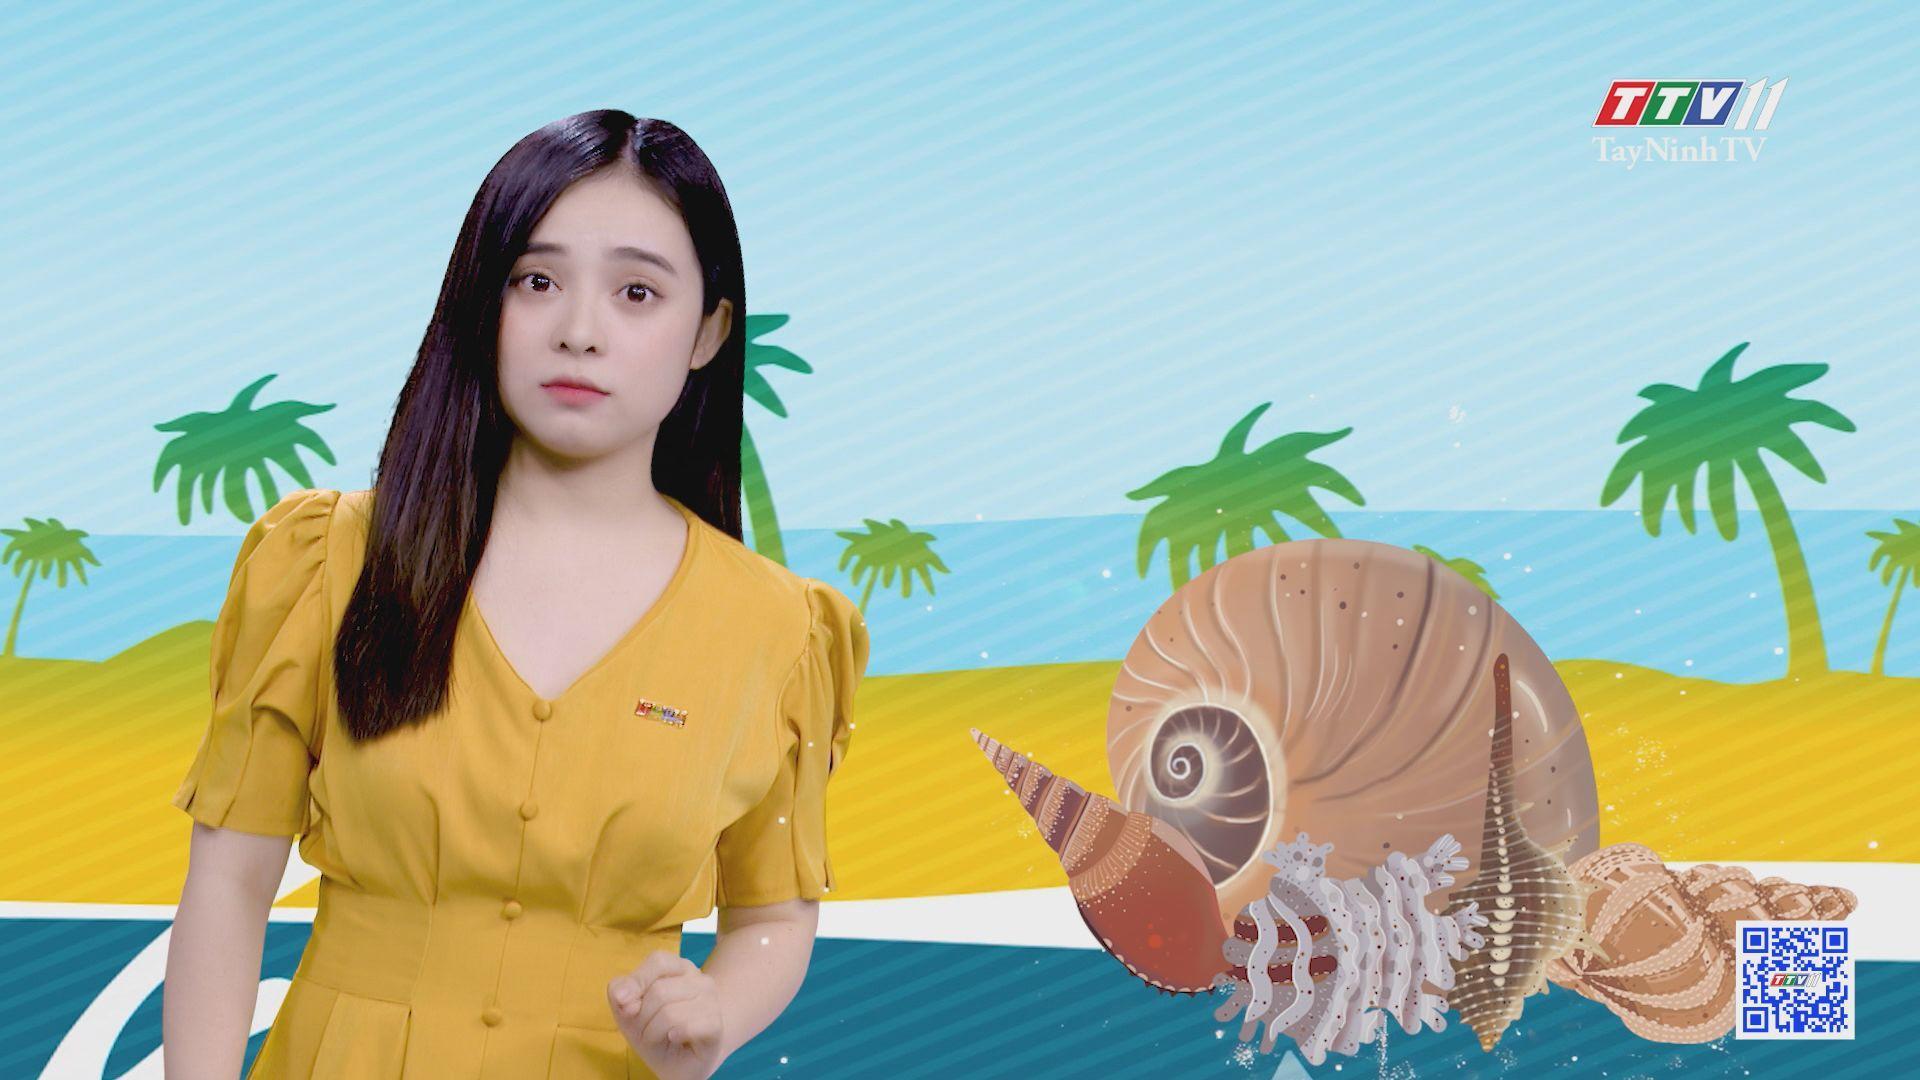 Hòn đảo nhân tạo làm từ ốc xà cừ | CHUYỆN ĐÔNG TÂY KỲ THÚ | TayNinhTV